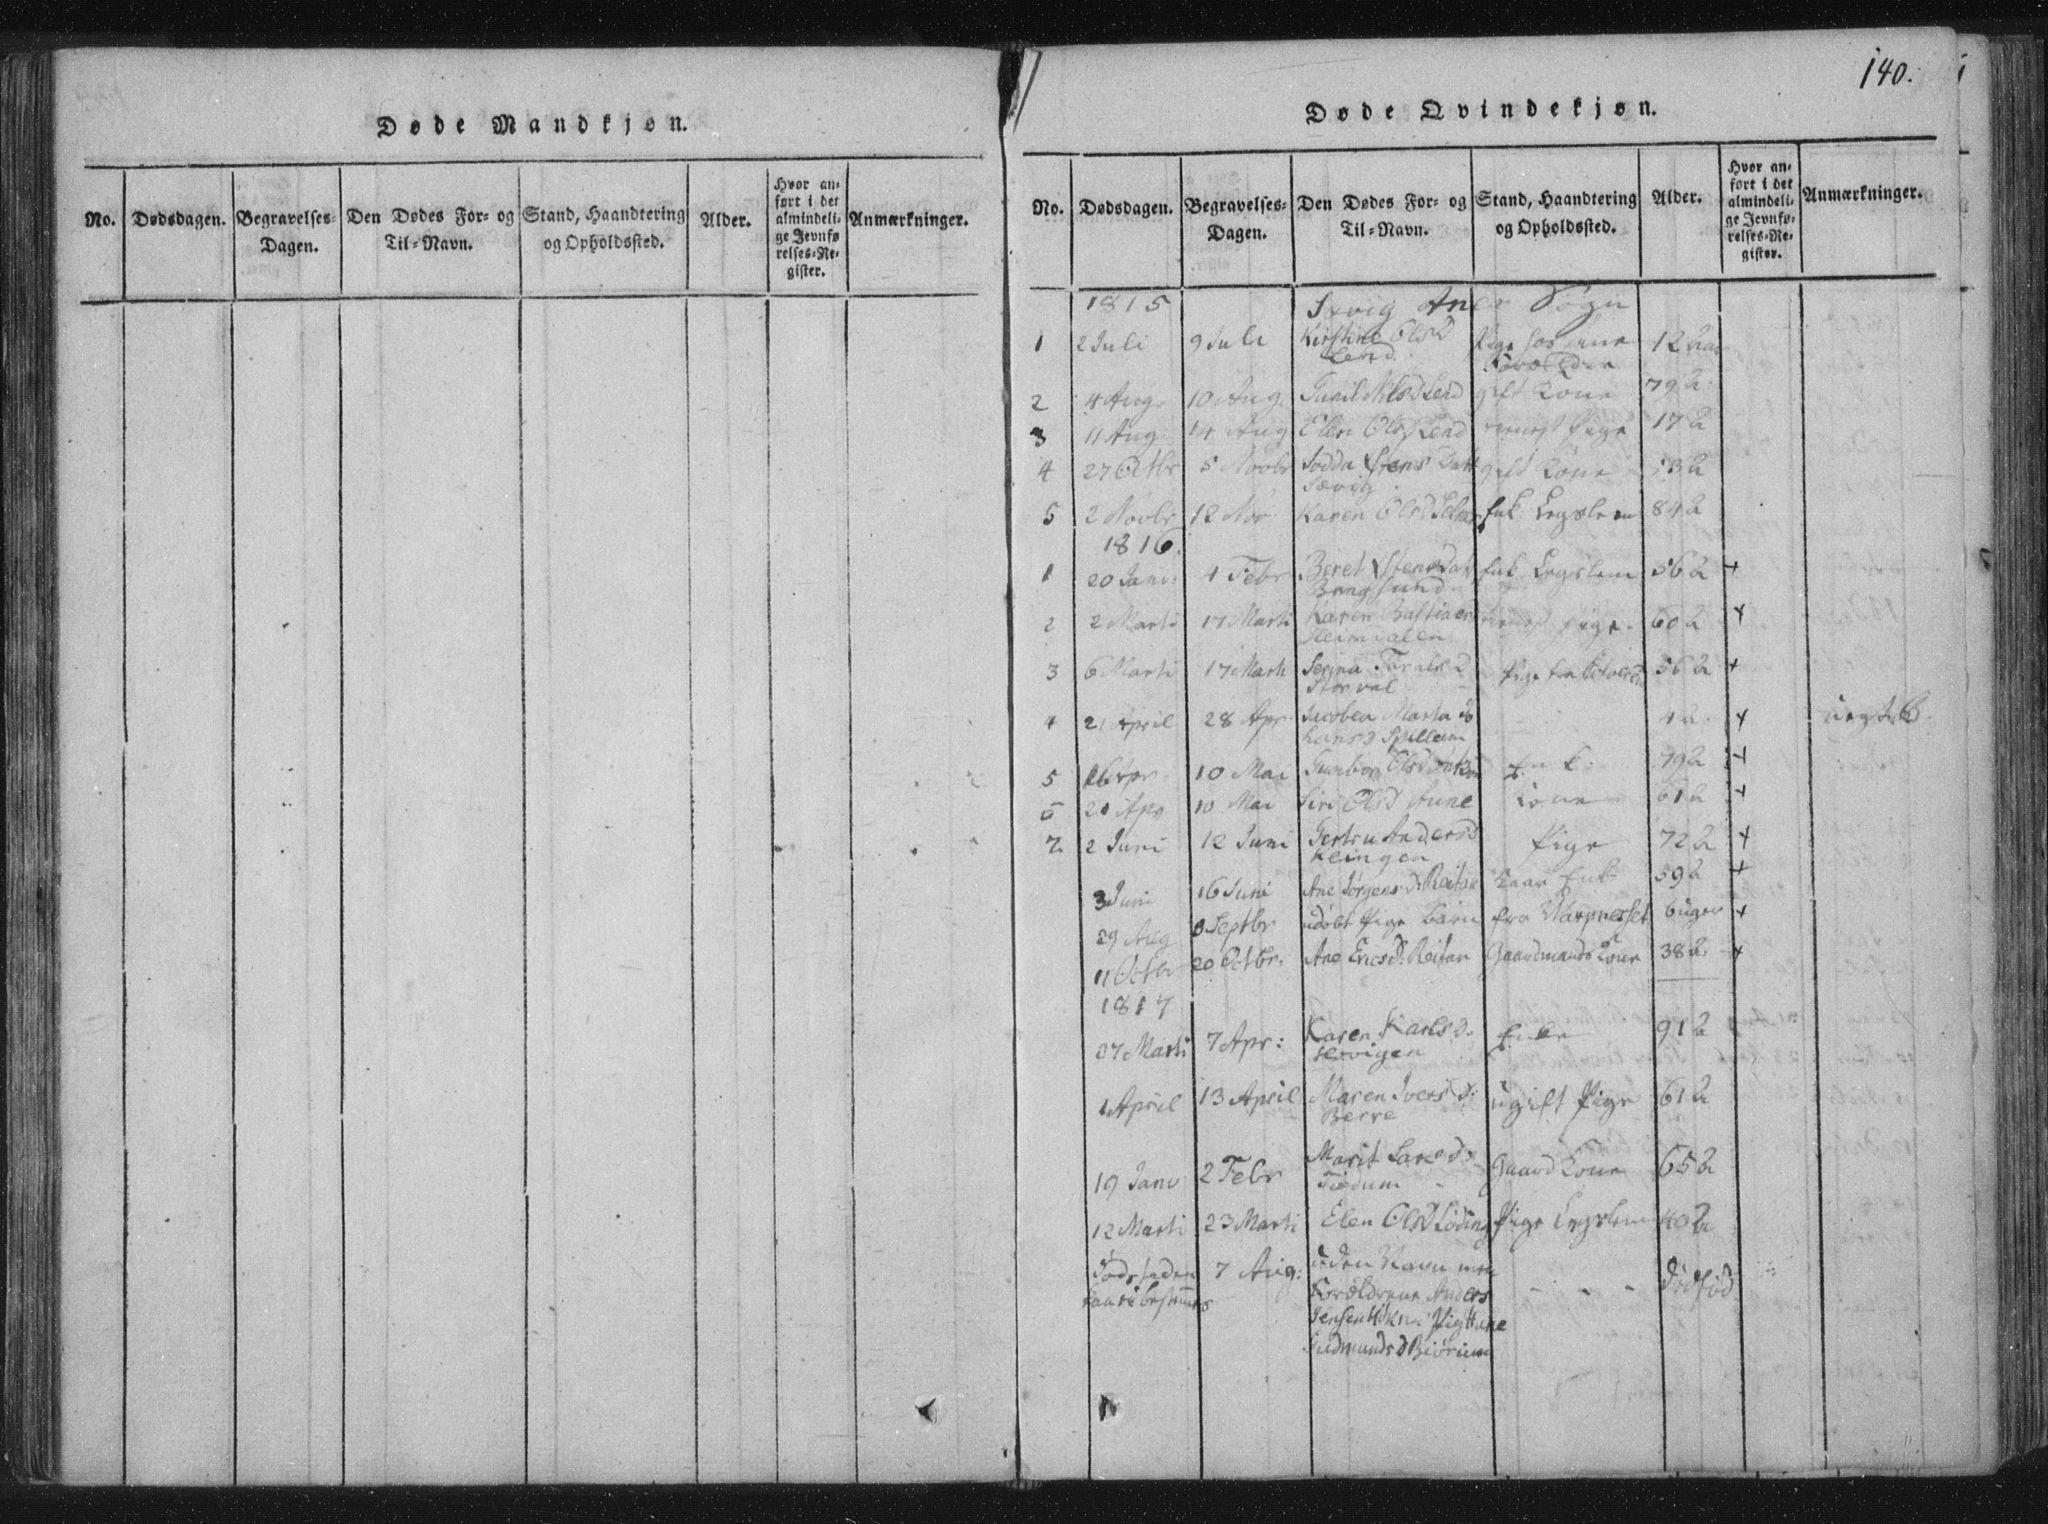 SAT, Ministerialprotokoller, klokkerbøker og fødselsregistre - Nord-Trøndelag, 773/L0609: Ministerialbok nr. 773A03 /4, 1815-1818, s. 140